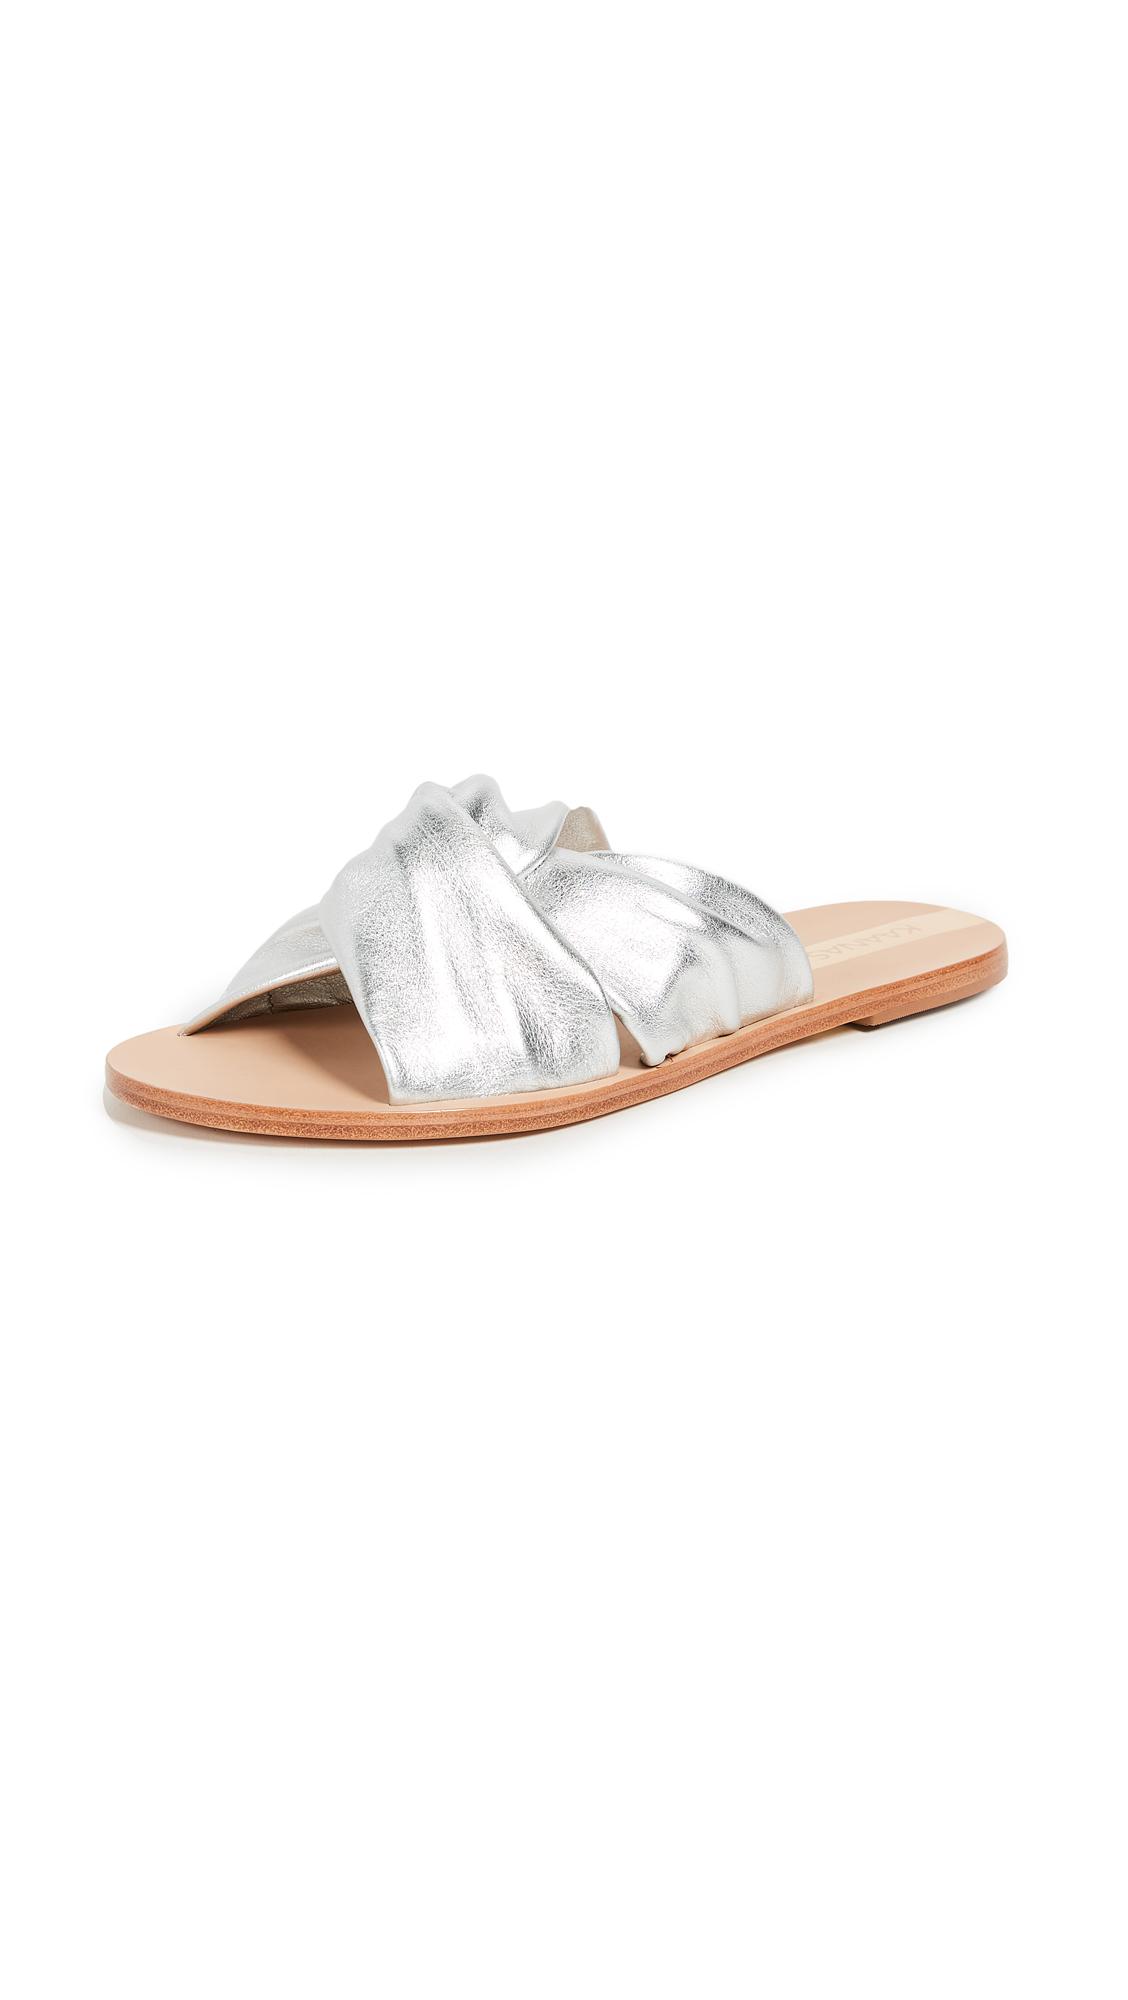 KAANAS Belem Knot Sandals